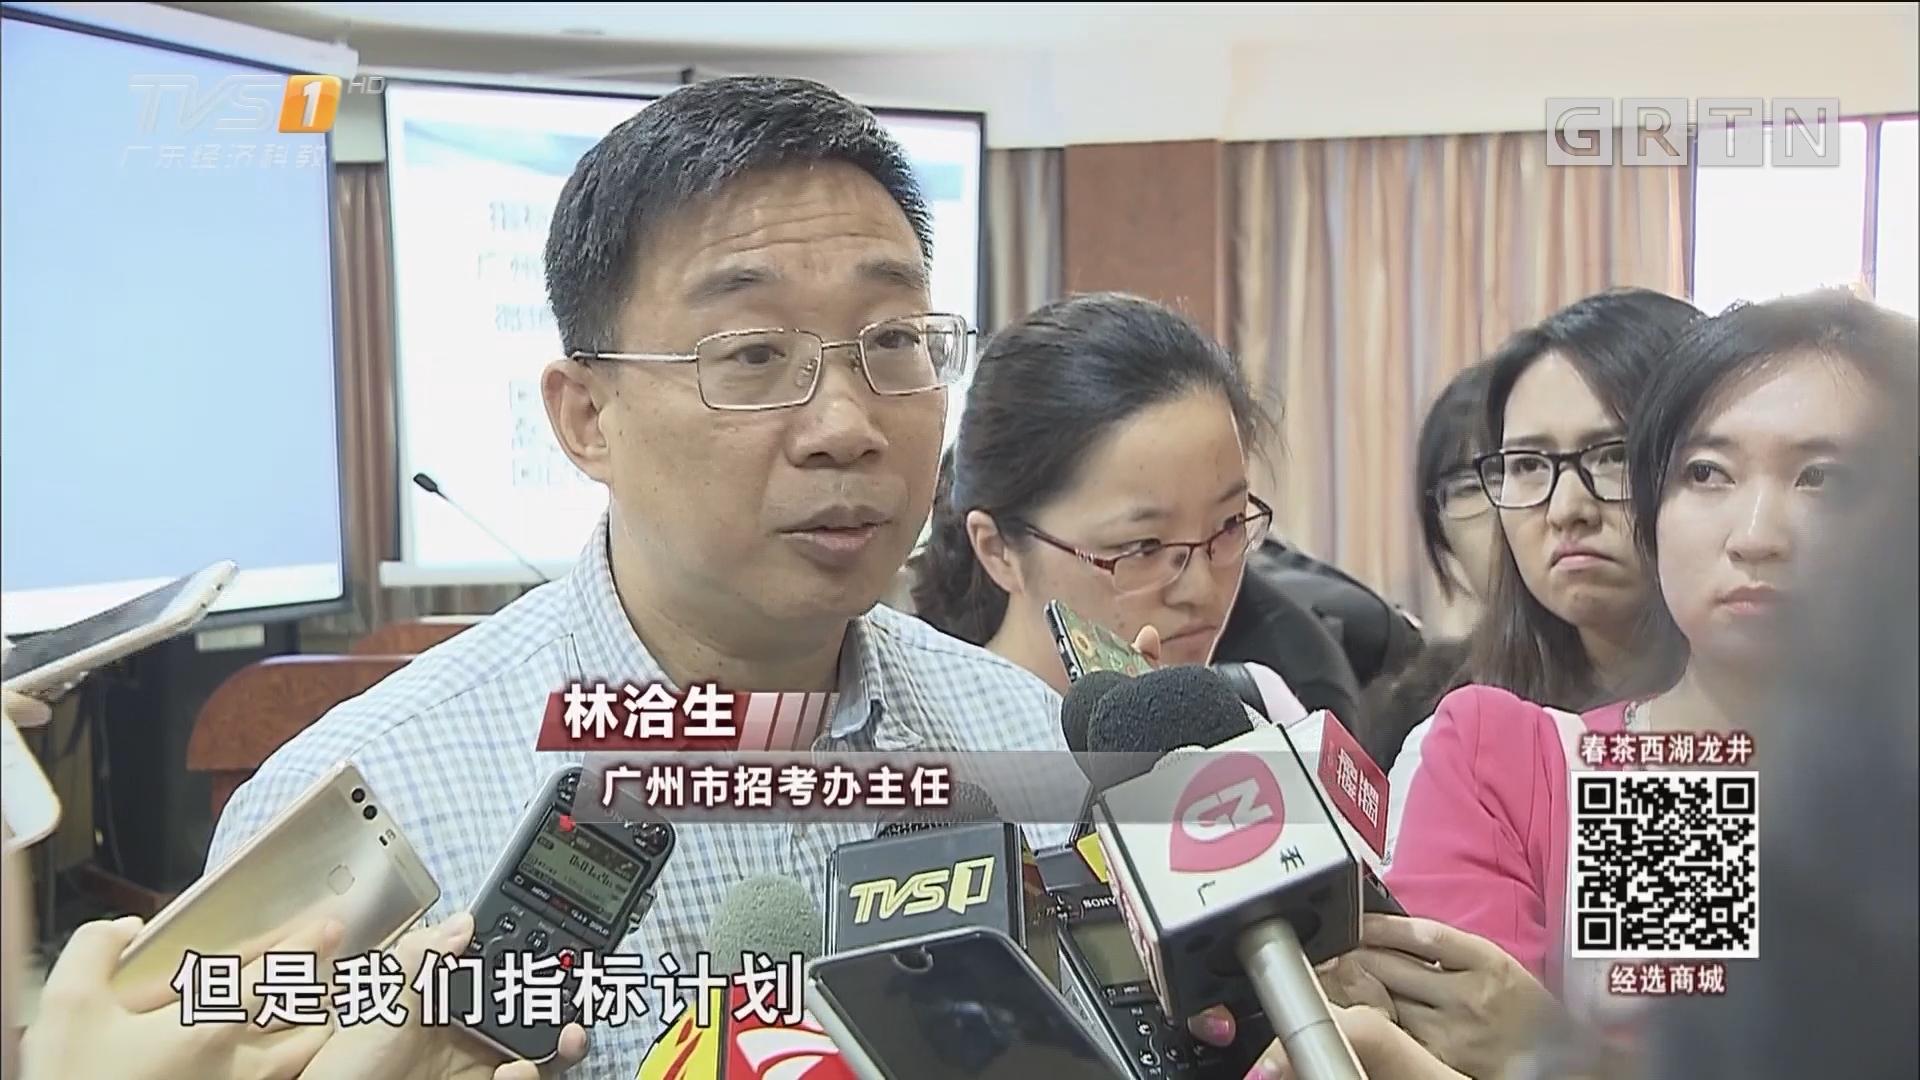 广州示范性高中指标到校派位结果出炉 竞争减少